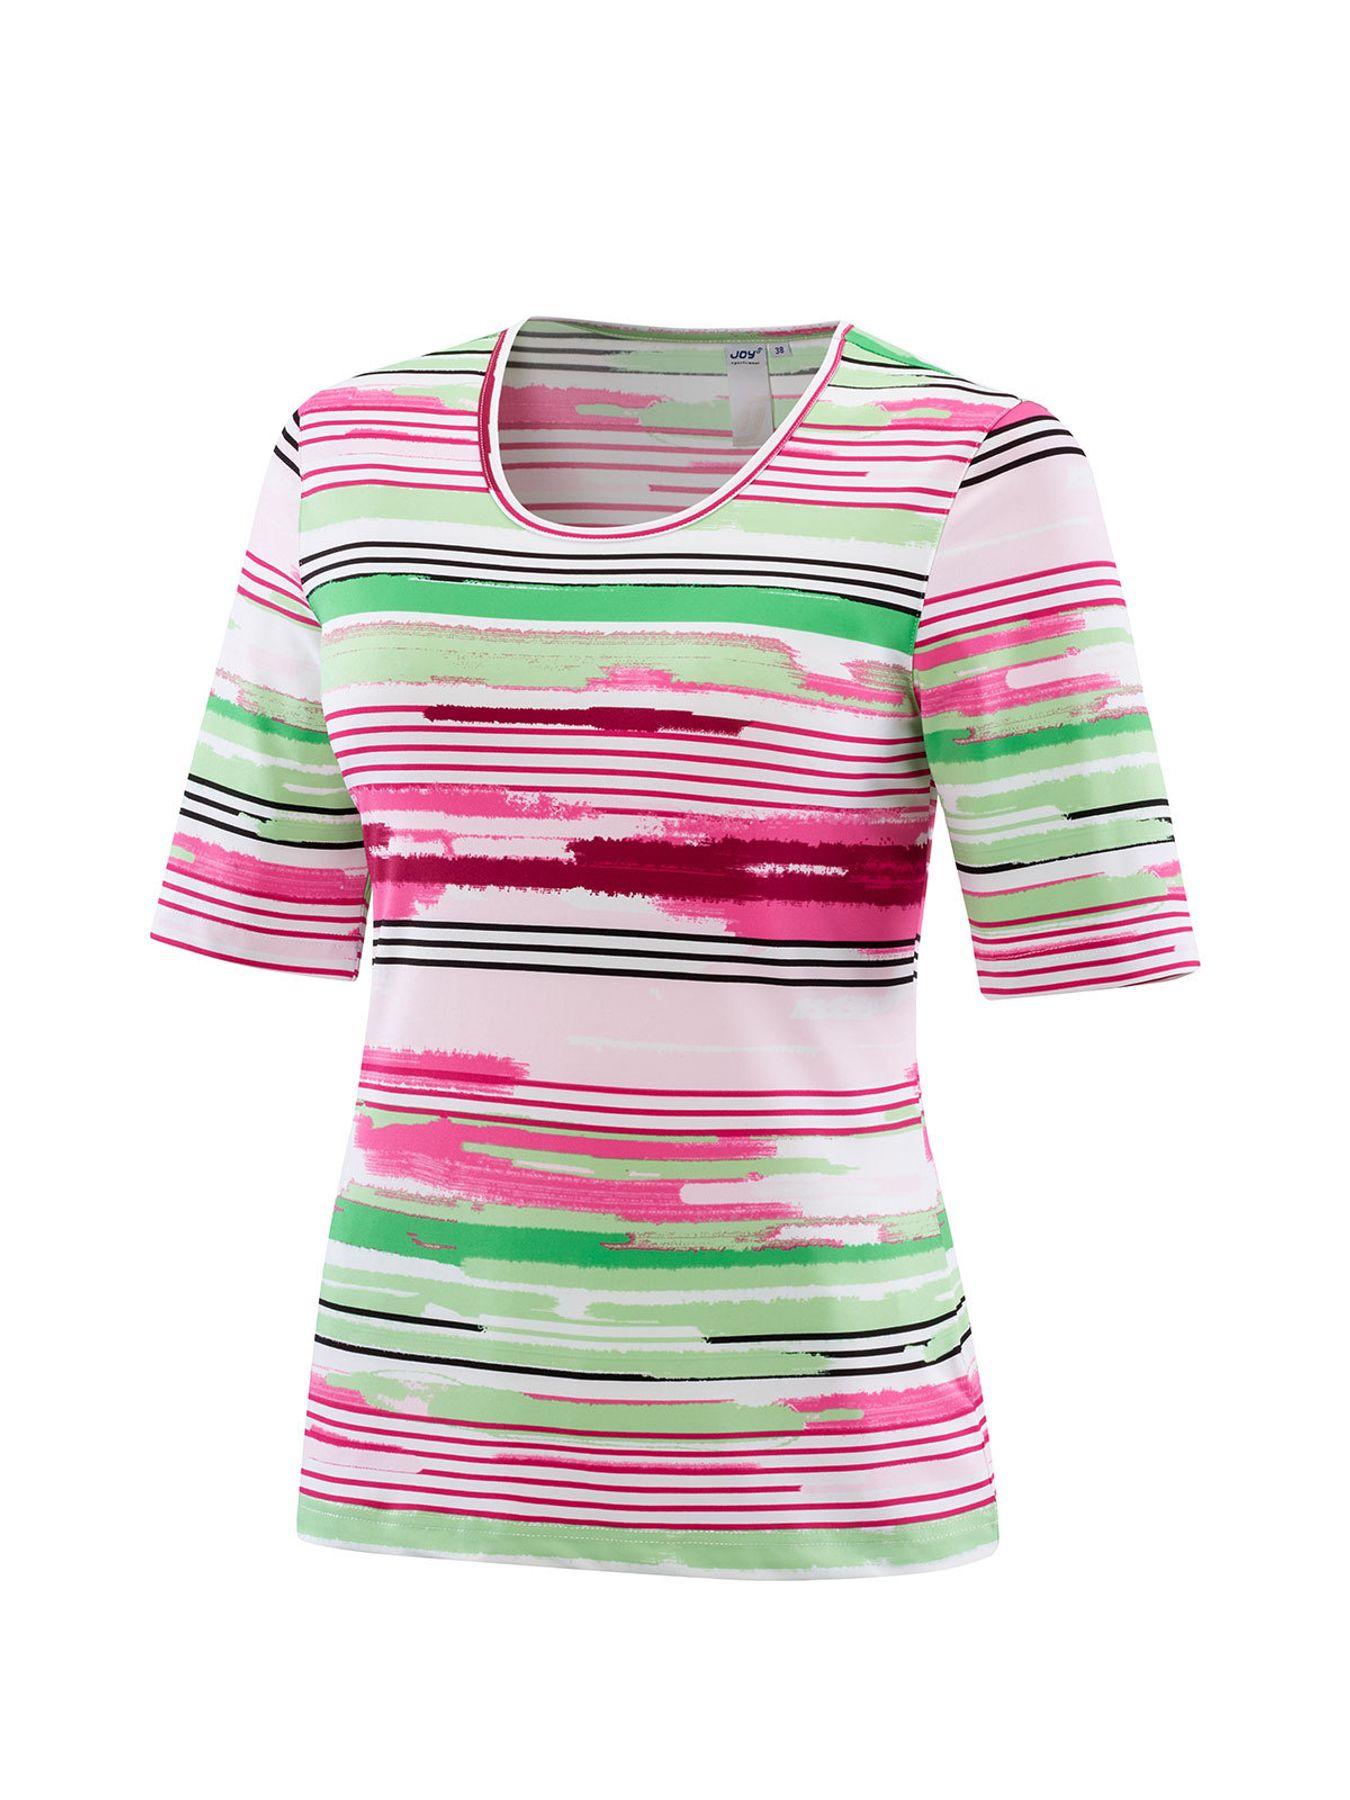 Joy - Damen Sport und Freizeit Shirt mit Streifen-Alloverprint, Alessa (30170A) – Bild 1